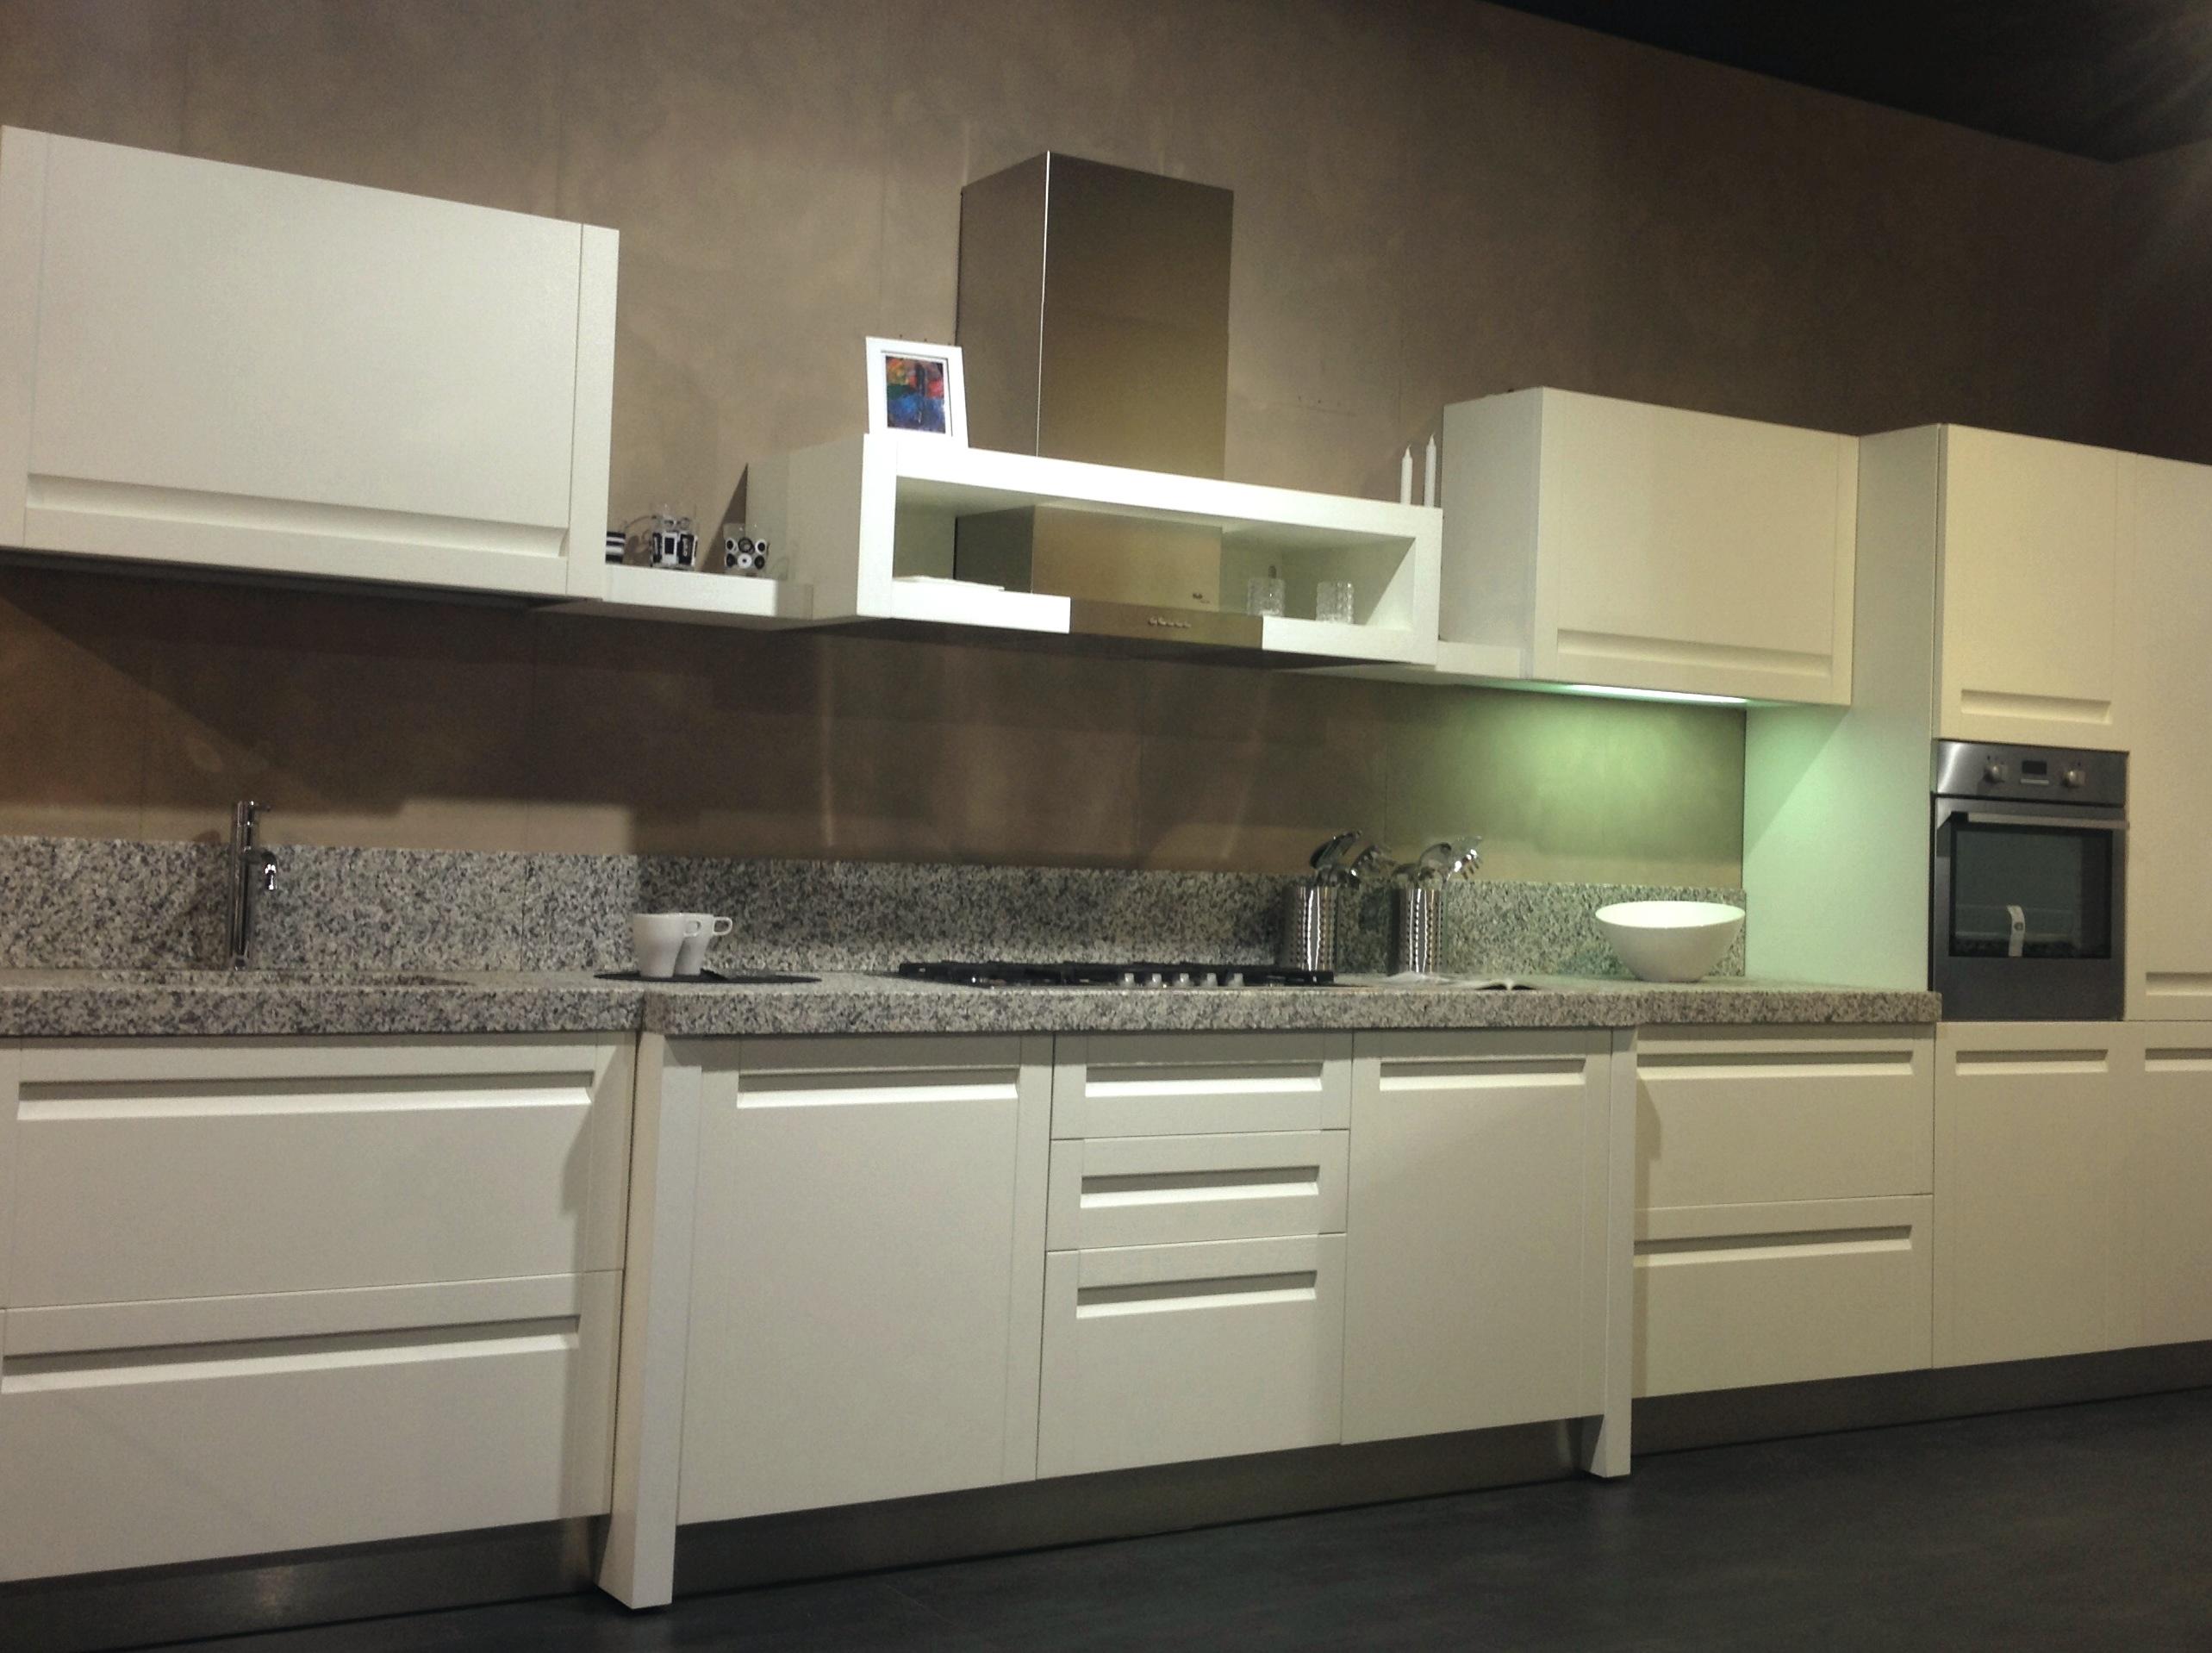 Cucina legno massello cucine a prezzi scontati - Cucina laminato effetto legno ...